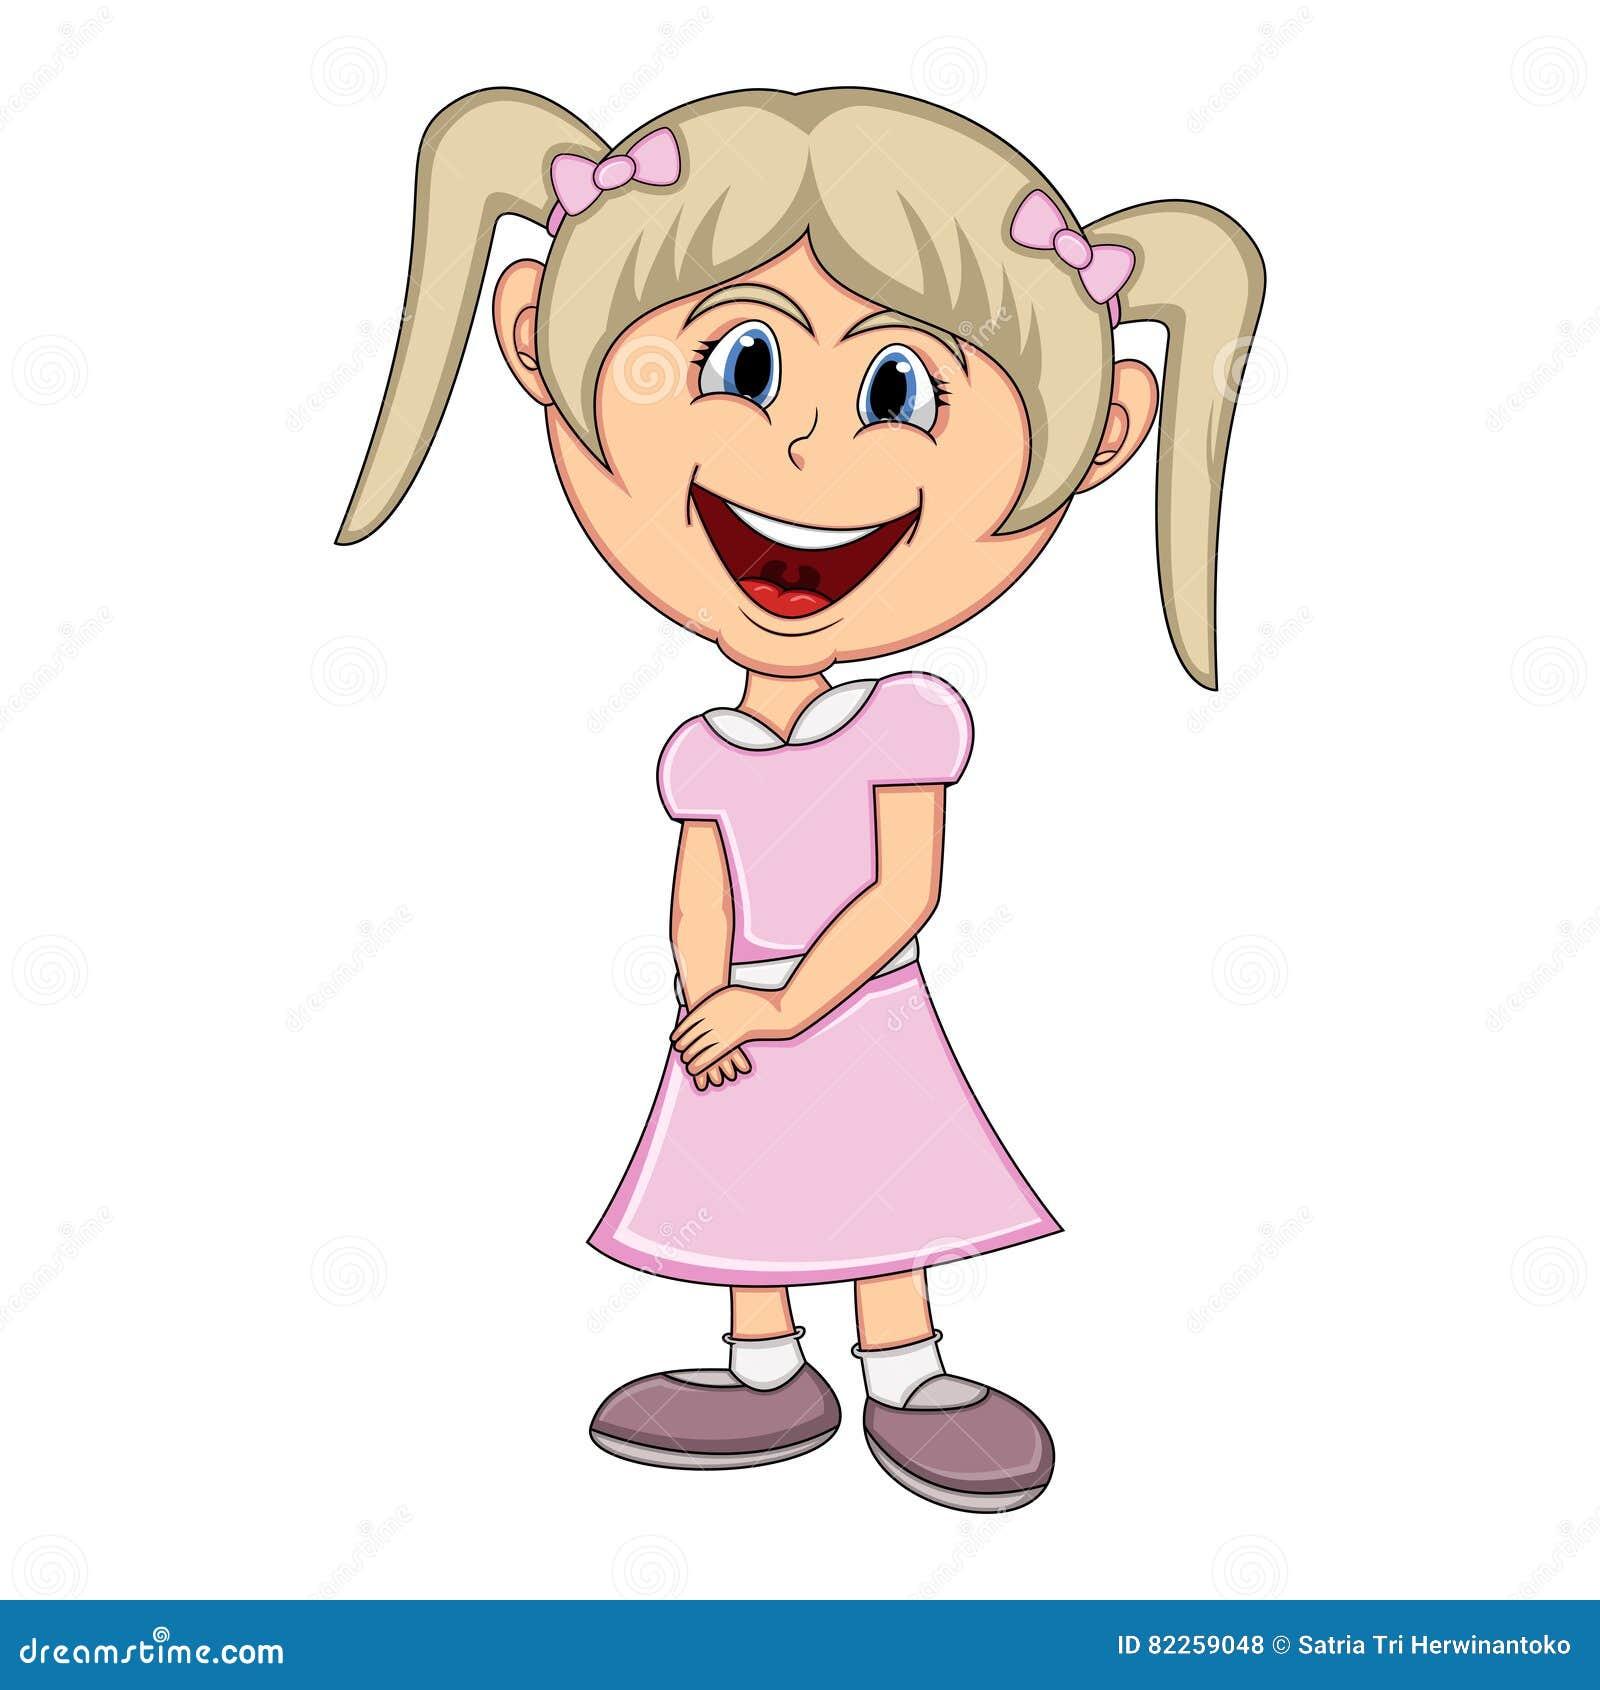 Beautiful Little Girl Cartoon Stock Vector Illustration Of Joyful